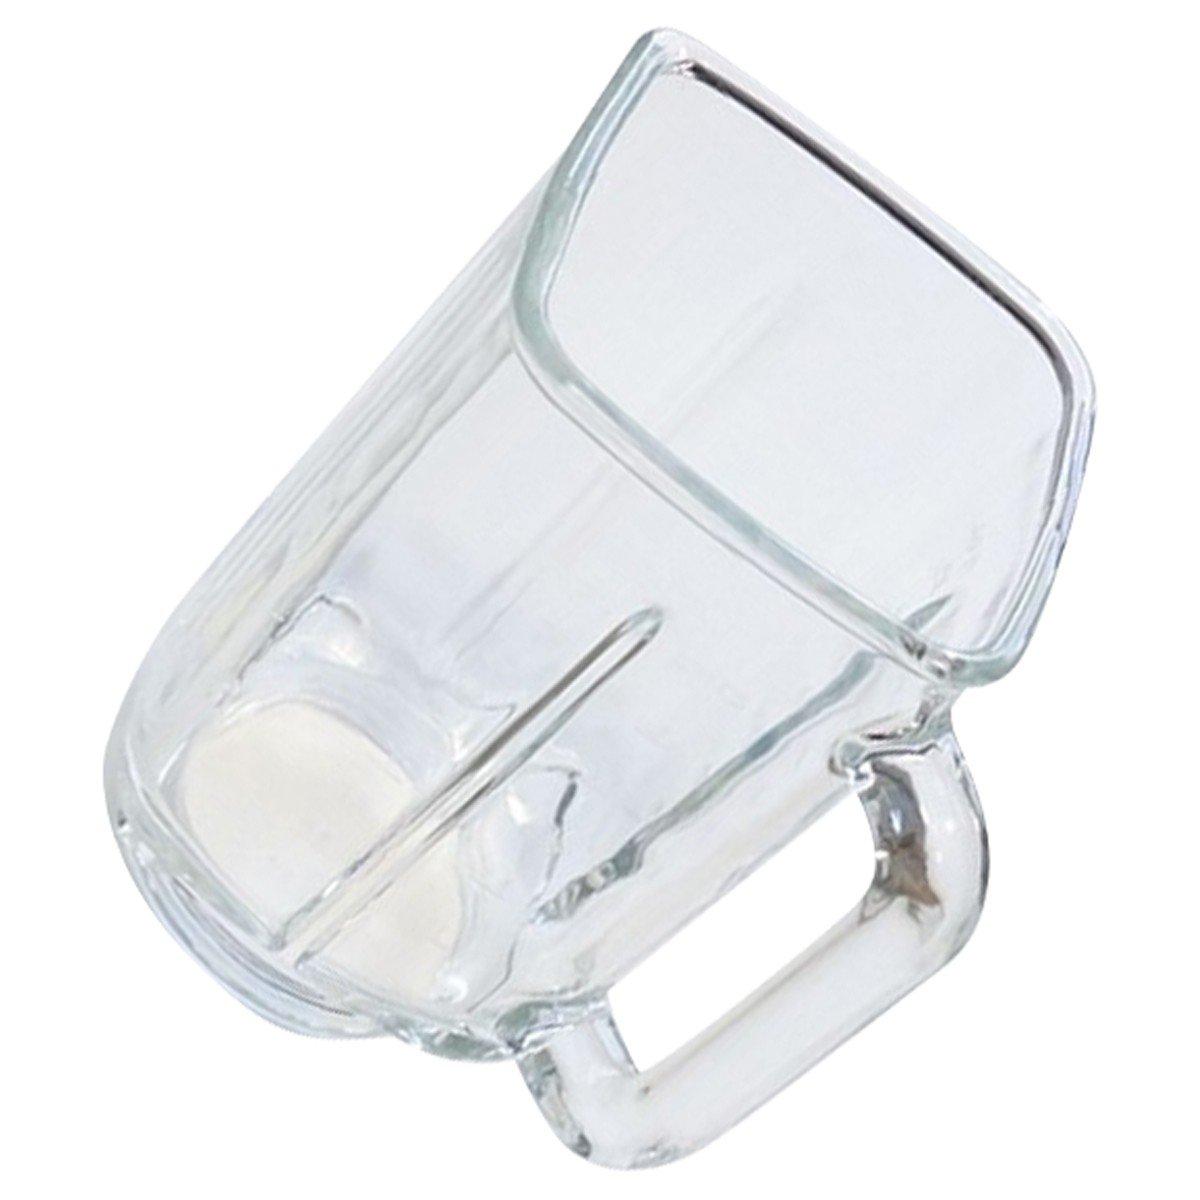 Cuenco licuadora de cristal Nu - Robot artículo - Magimix: Amazon ...